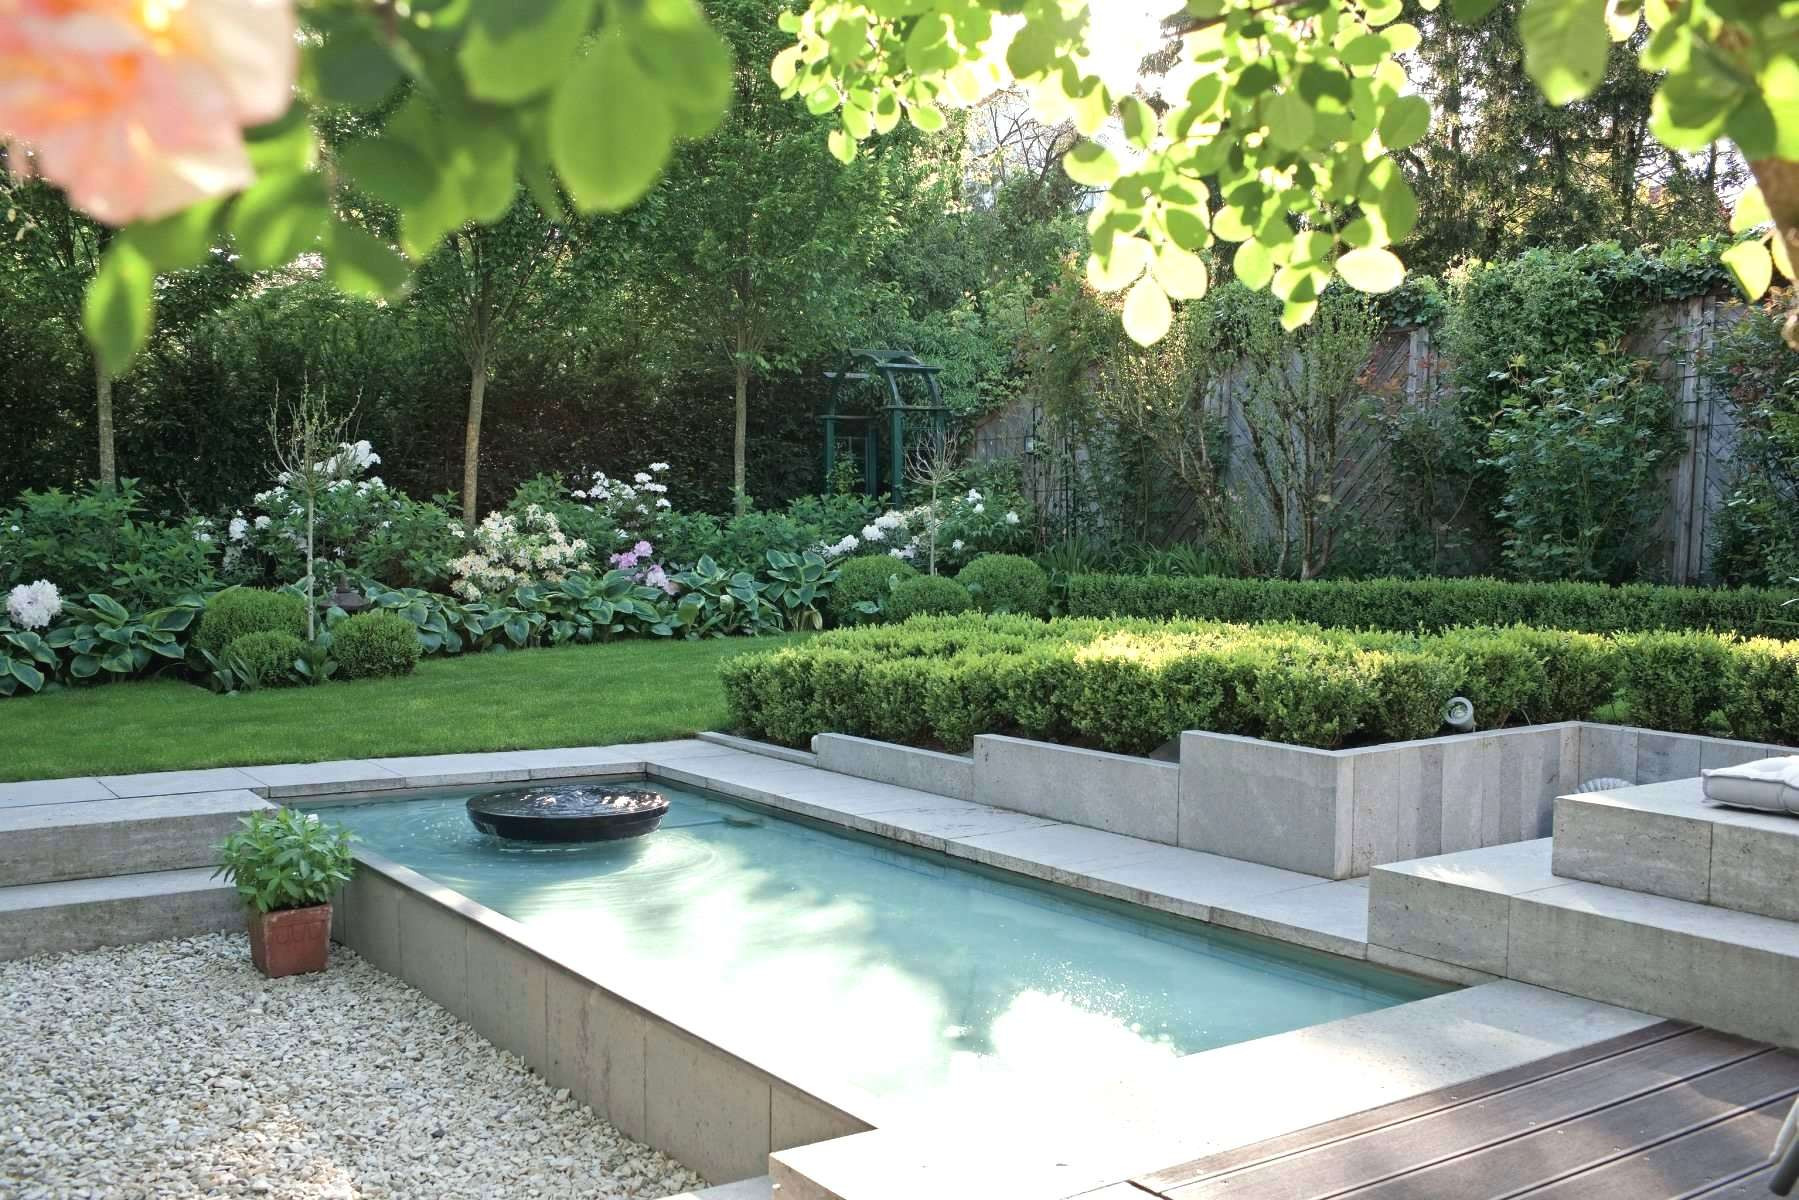 garten mit blumen gestalten garten gestalten bilder das beste von formaler reihenhausgarten 0d of garten mit blumen gestalten